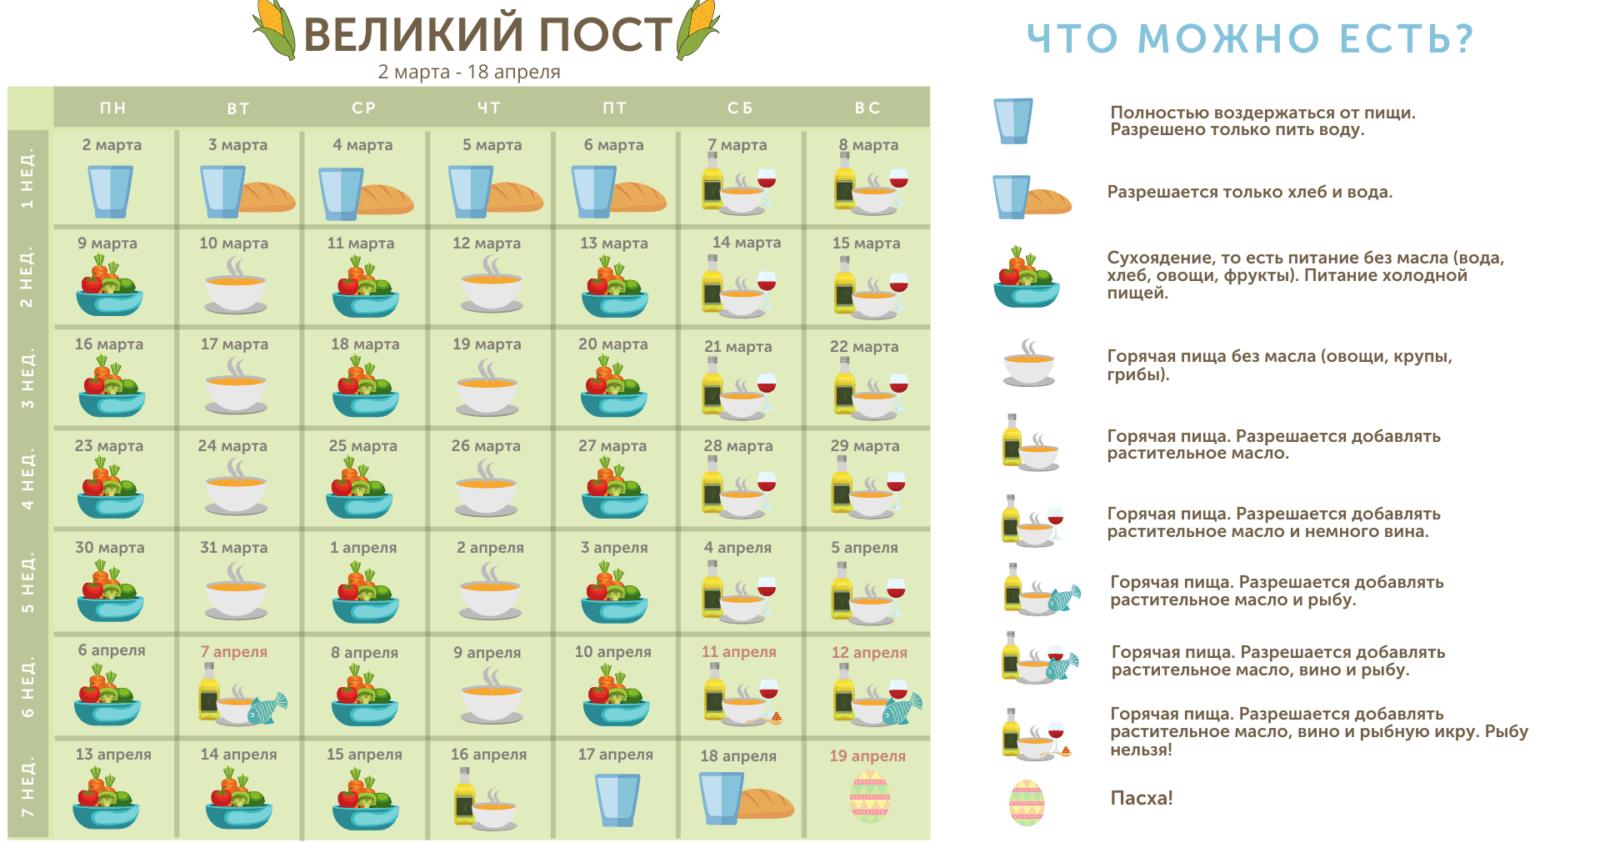 Календарь питания во время Великого поста 2020